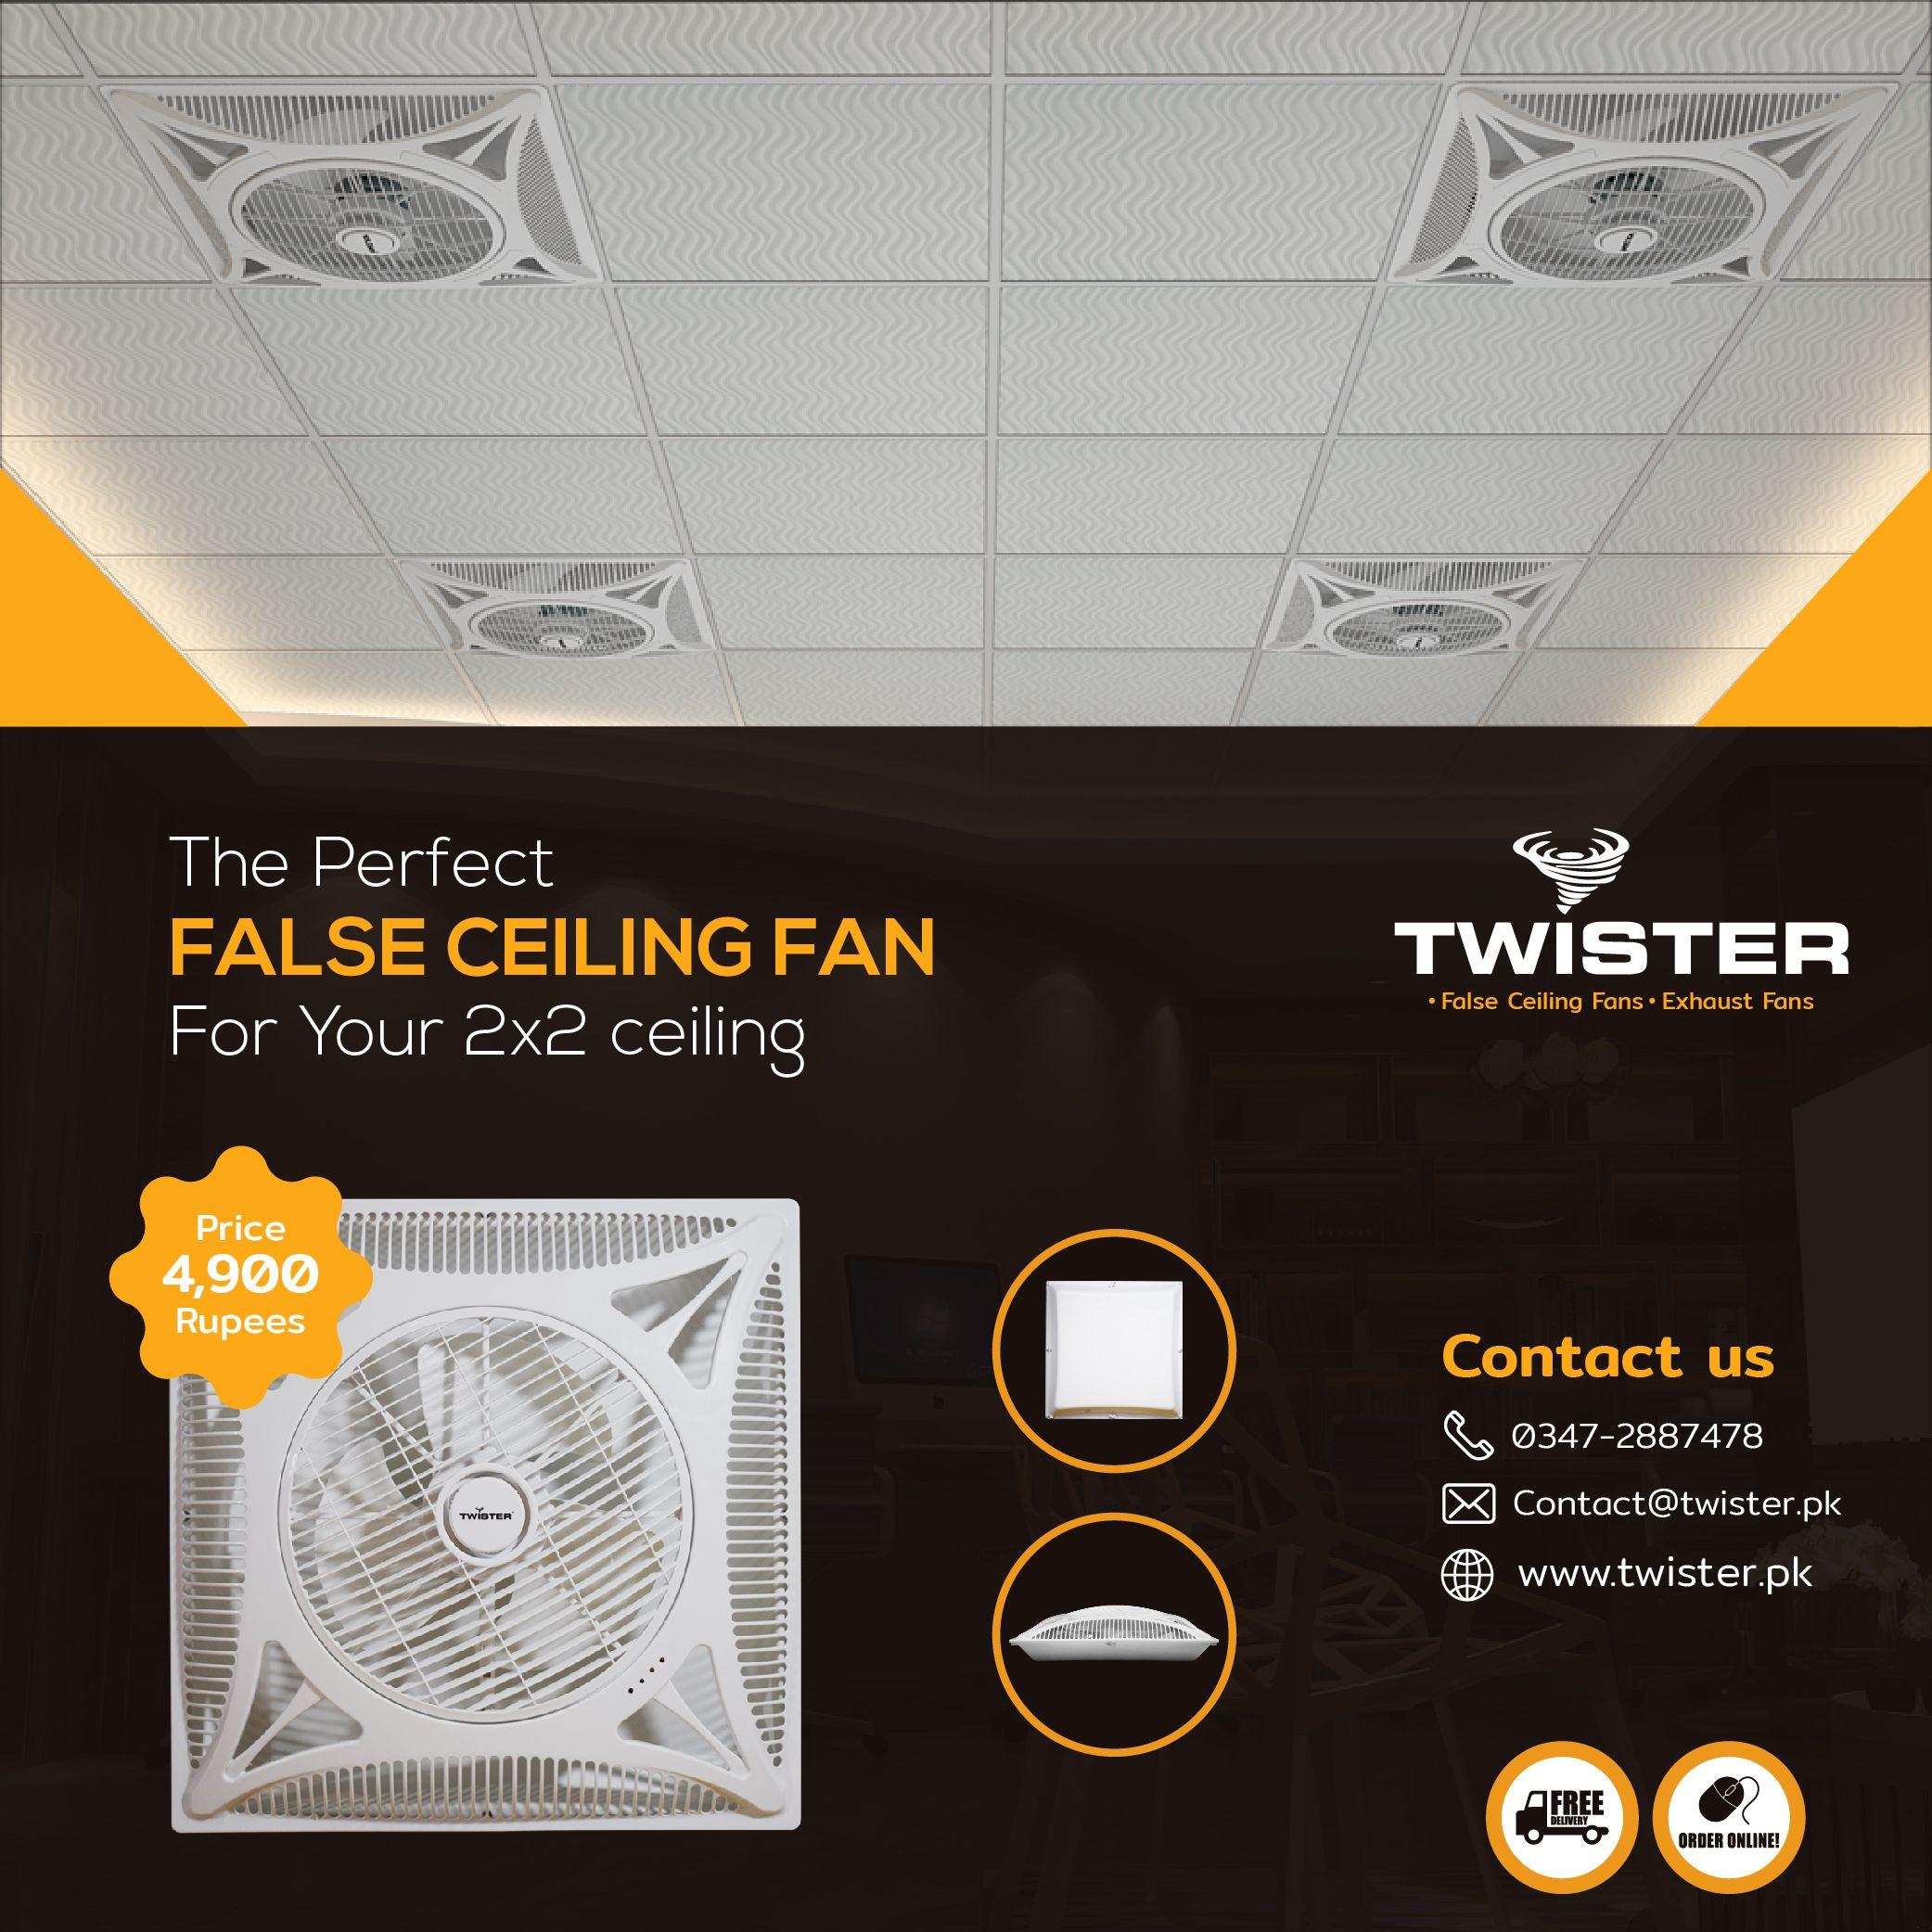 Twister Super Slim False Ceiling Fan 14 Price 4 900 Order